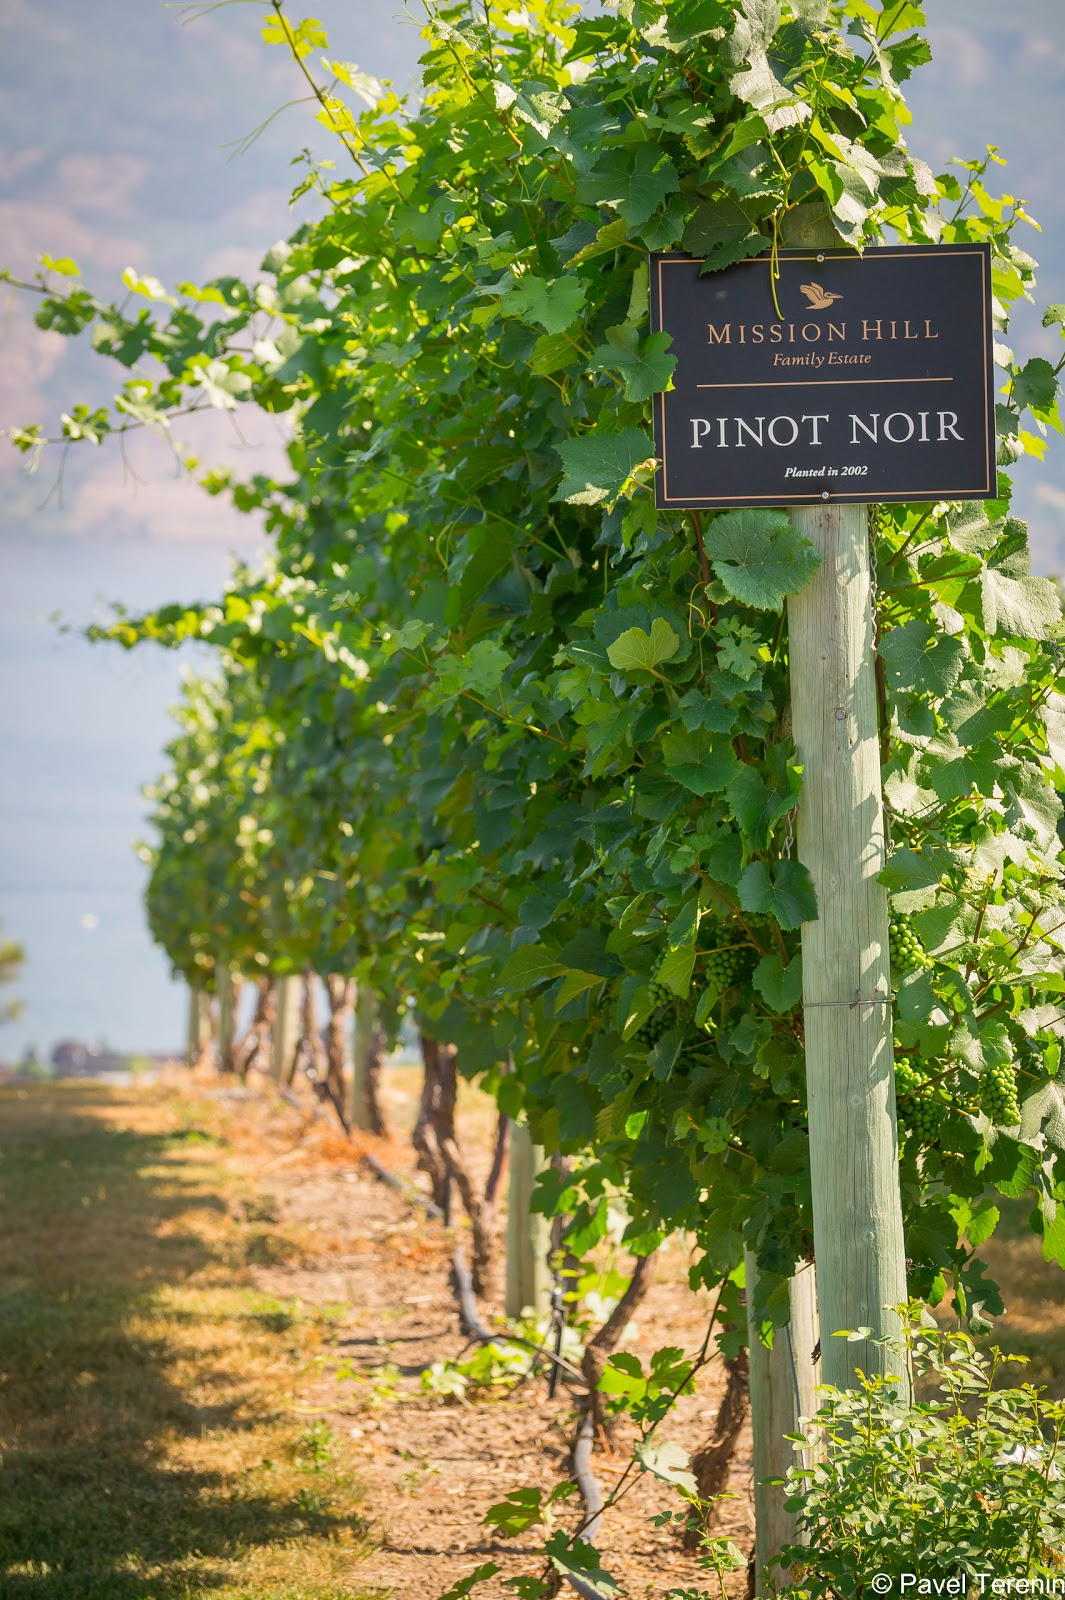 Благодатный для выращивания винограда климат Оканаган часто сравнивают с климатом долины Баросса в Австралии.